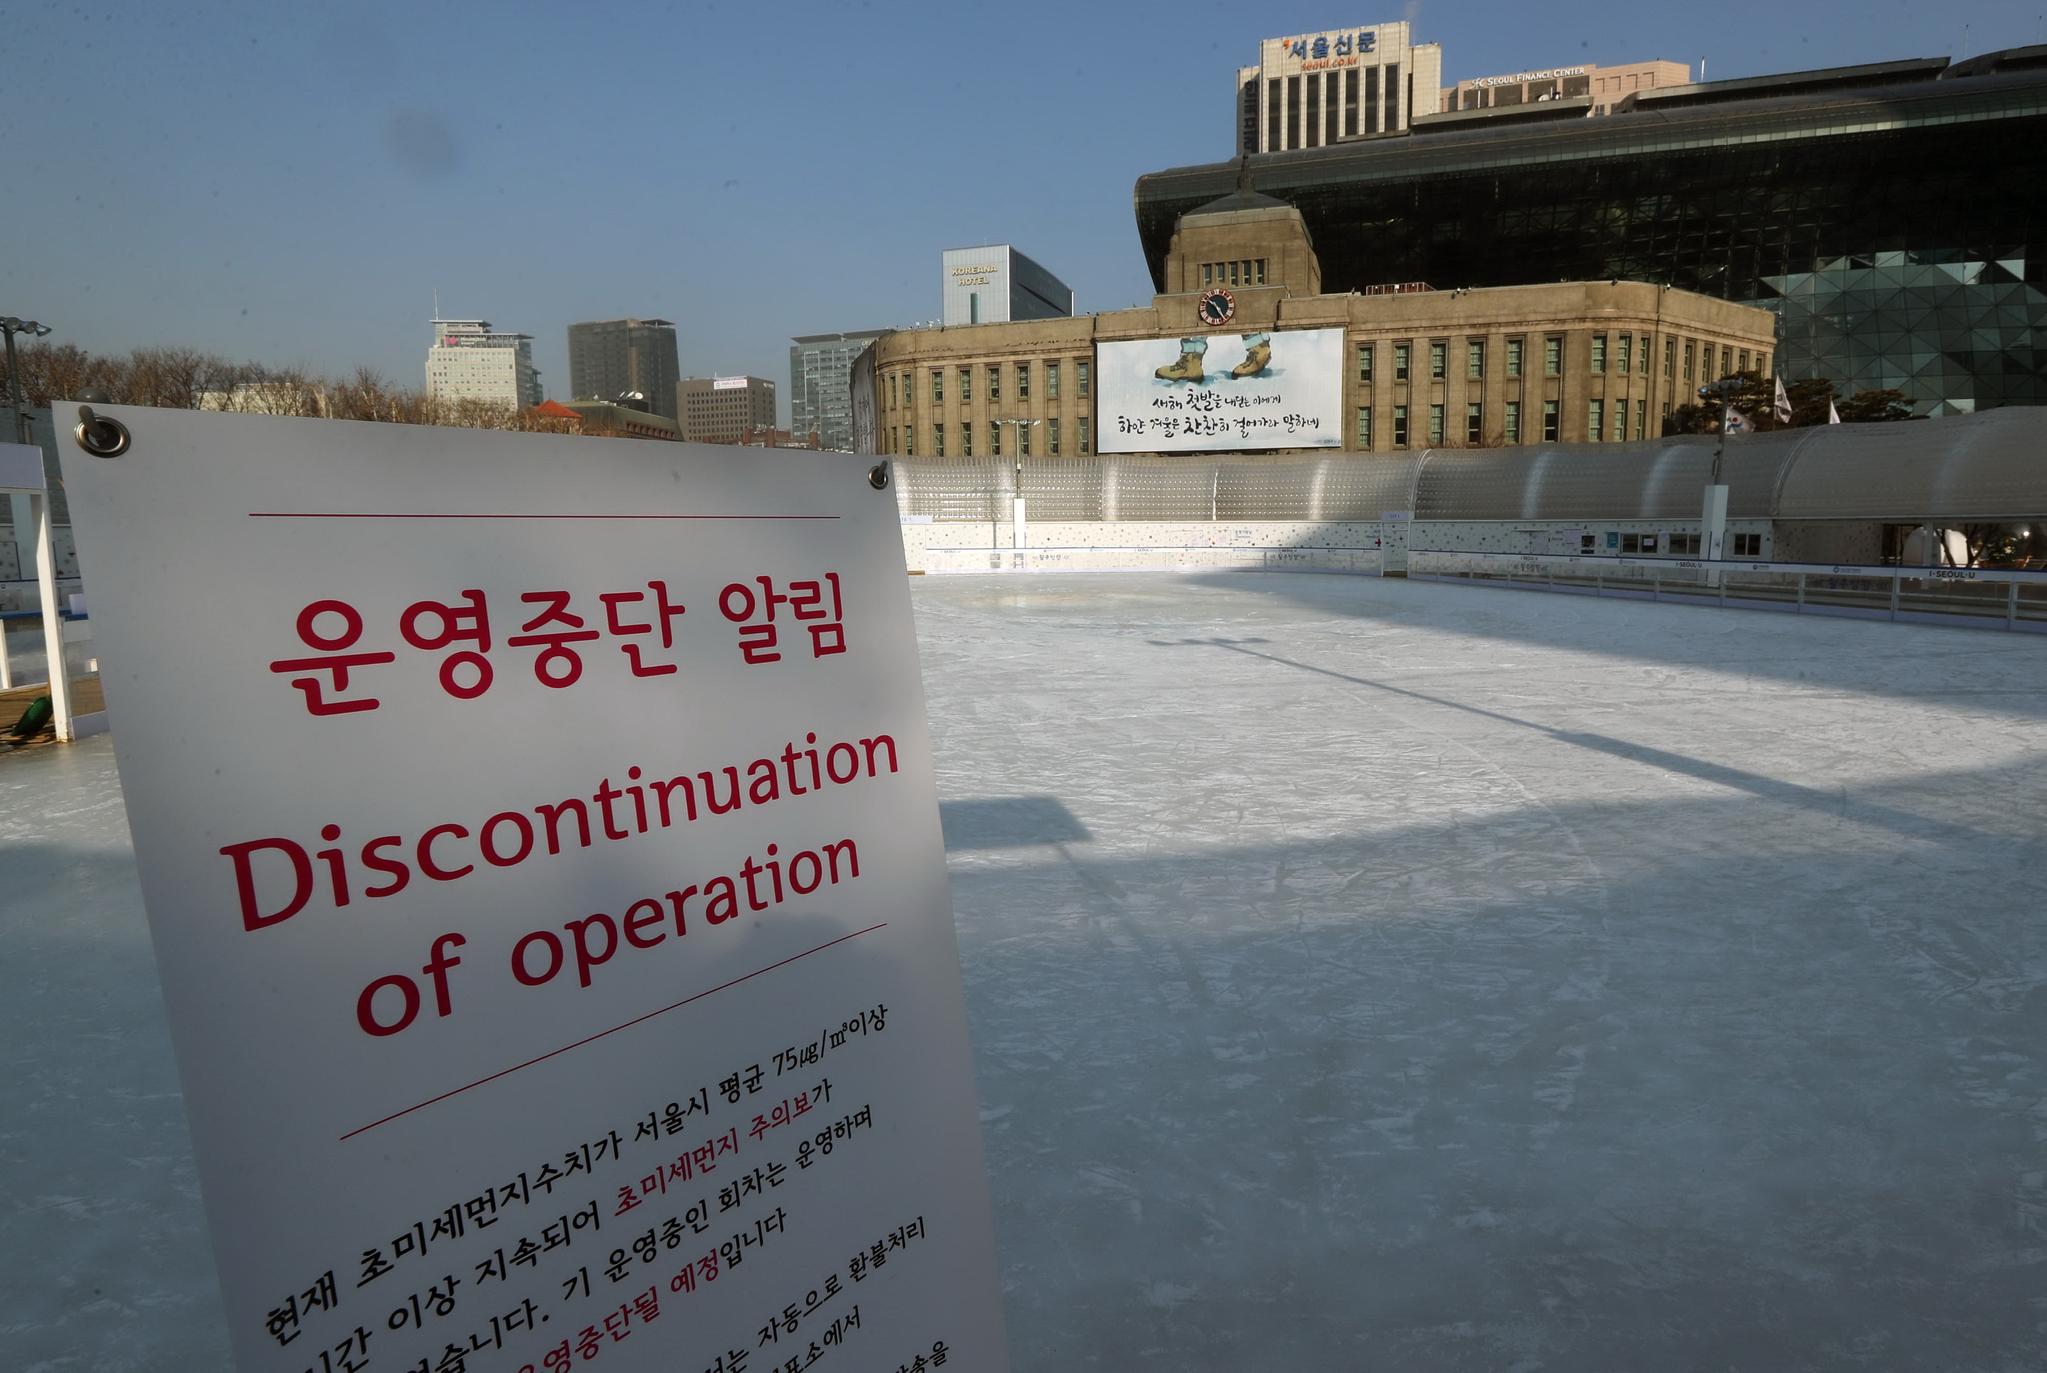 미세먼지, 초미세먼지 농도가 나쁨 수준을 보인 13일 서울광장 스케이트장이 운영을 중단했다. 강정현 기자